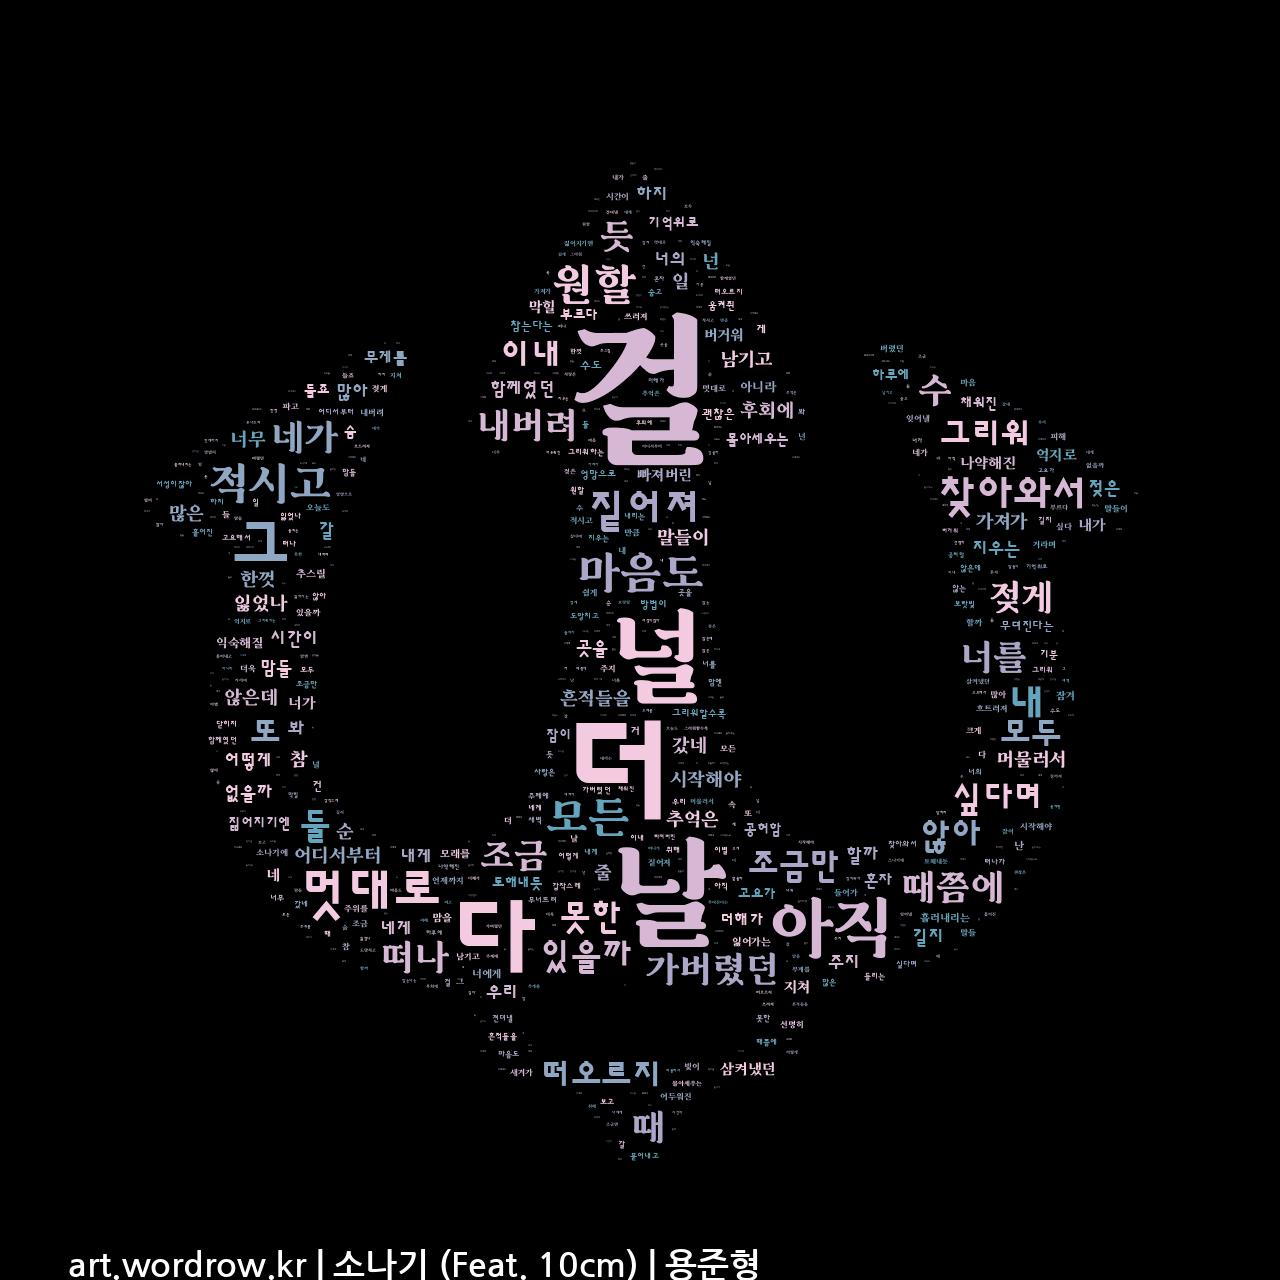 워드 아트: 소나기 (Feat. 10cm) [용준형]-51